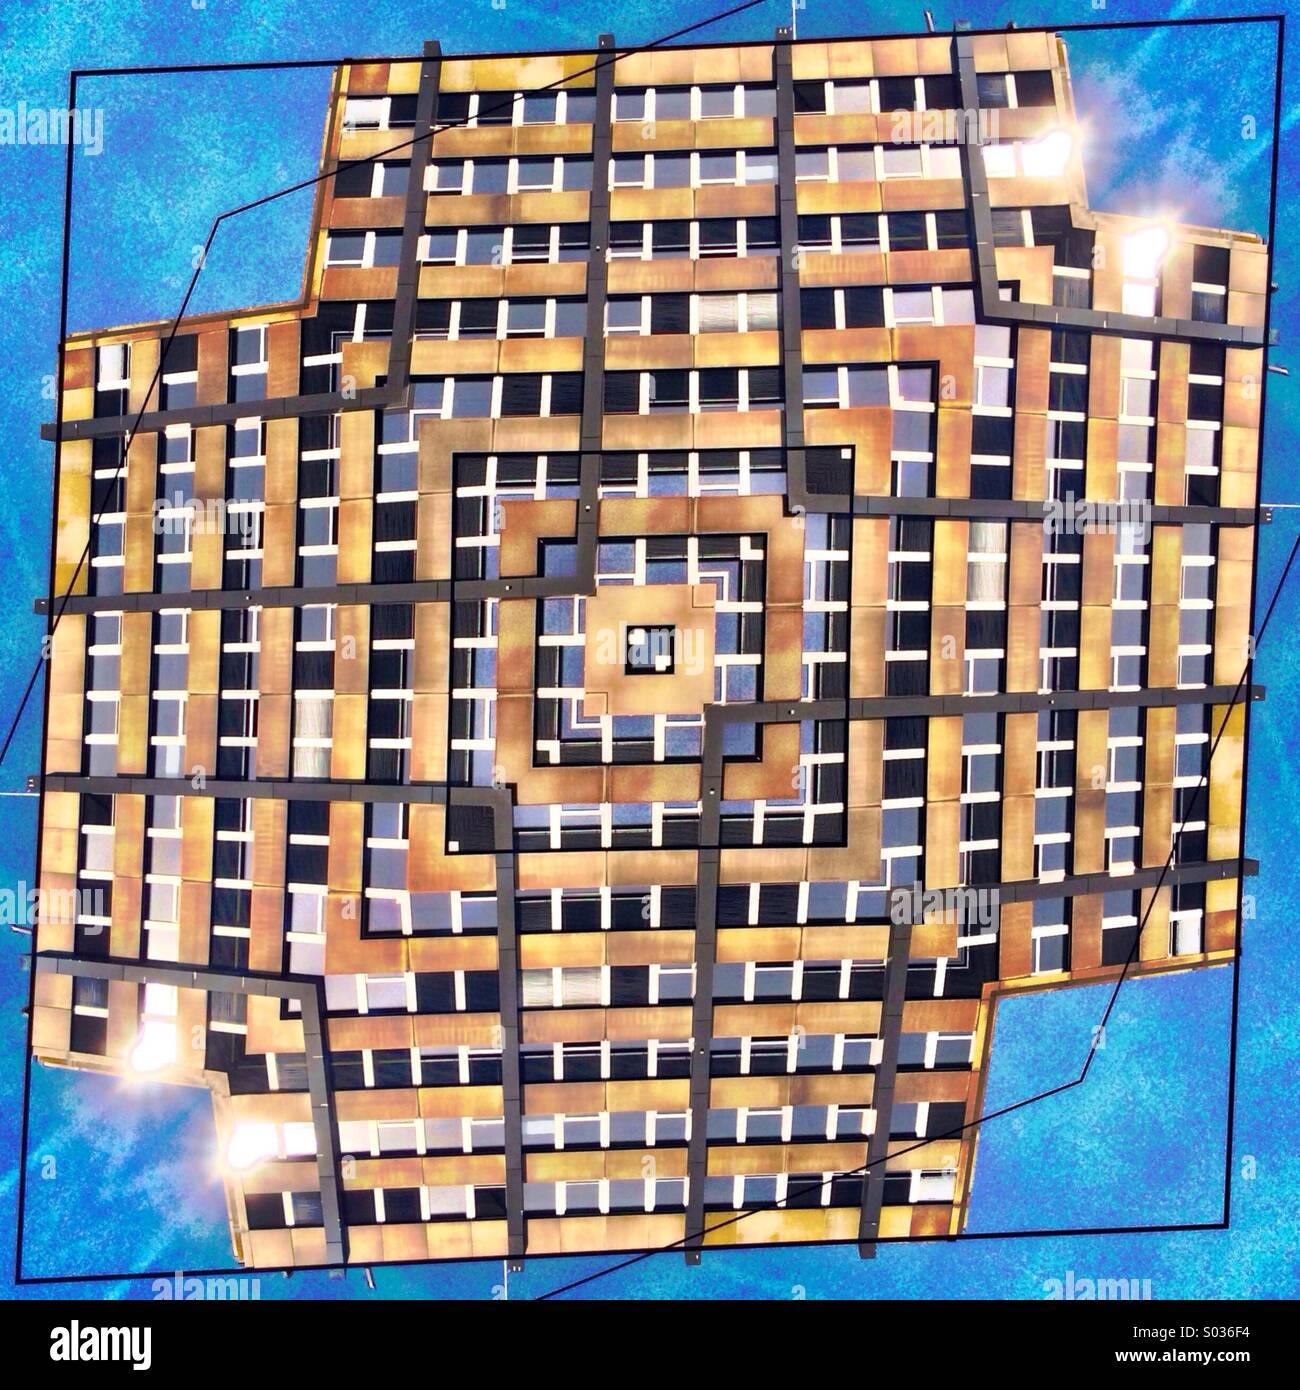 Bild des Bürogebäudes mit doppelten Spiegeleffekt erstelle ich ein schwebendes Kreuz Stockbild